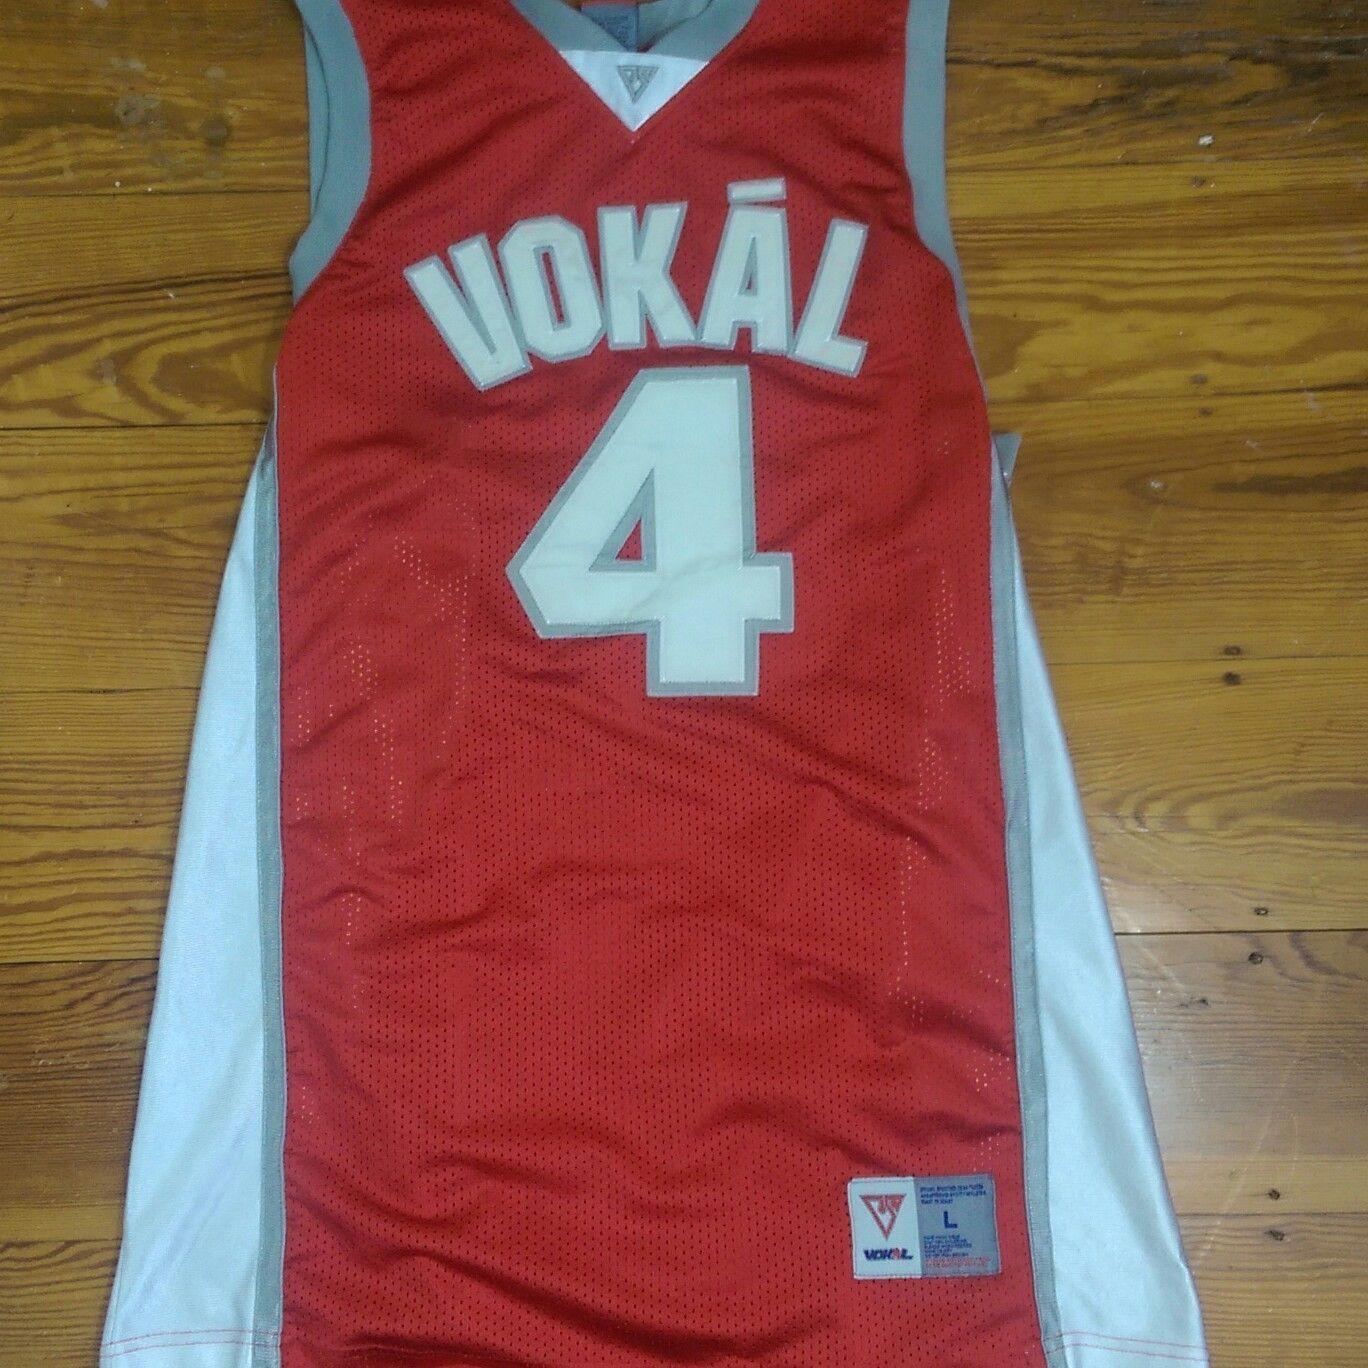 358ad0e381c Nelly Vokal Basketball Jersey Men's Size L Vintage | Nelly Vokal ...